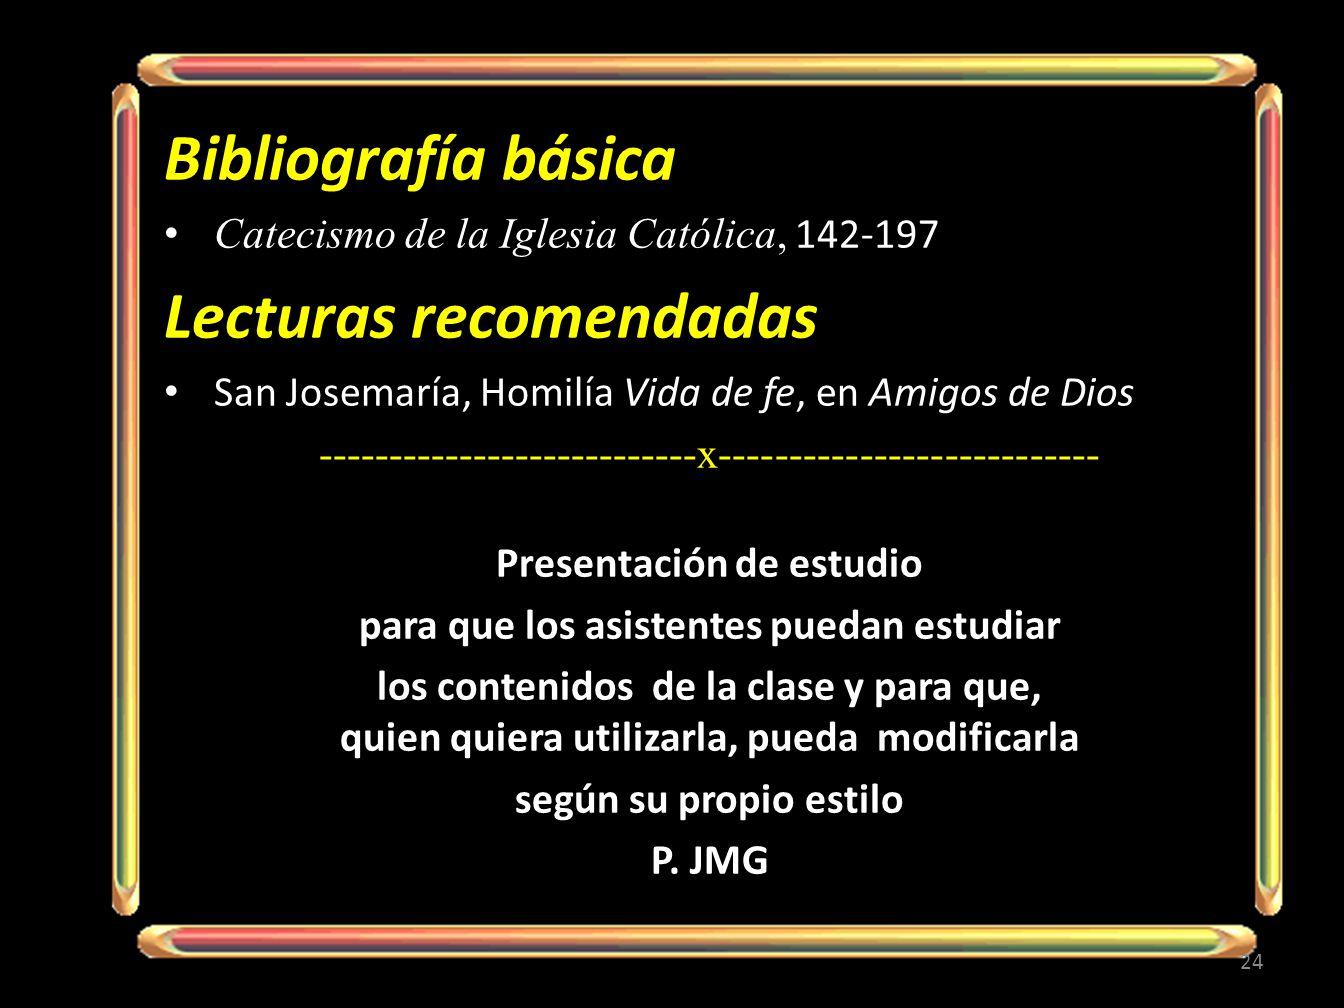 Bibliografía básica Catecismo de la Iglesia Católica, 142-197 Lecturas recomendadas San Josemaría, Homilía Vida de fe, en Amigos de Dios -------------